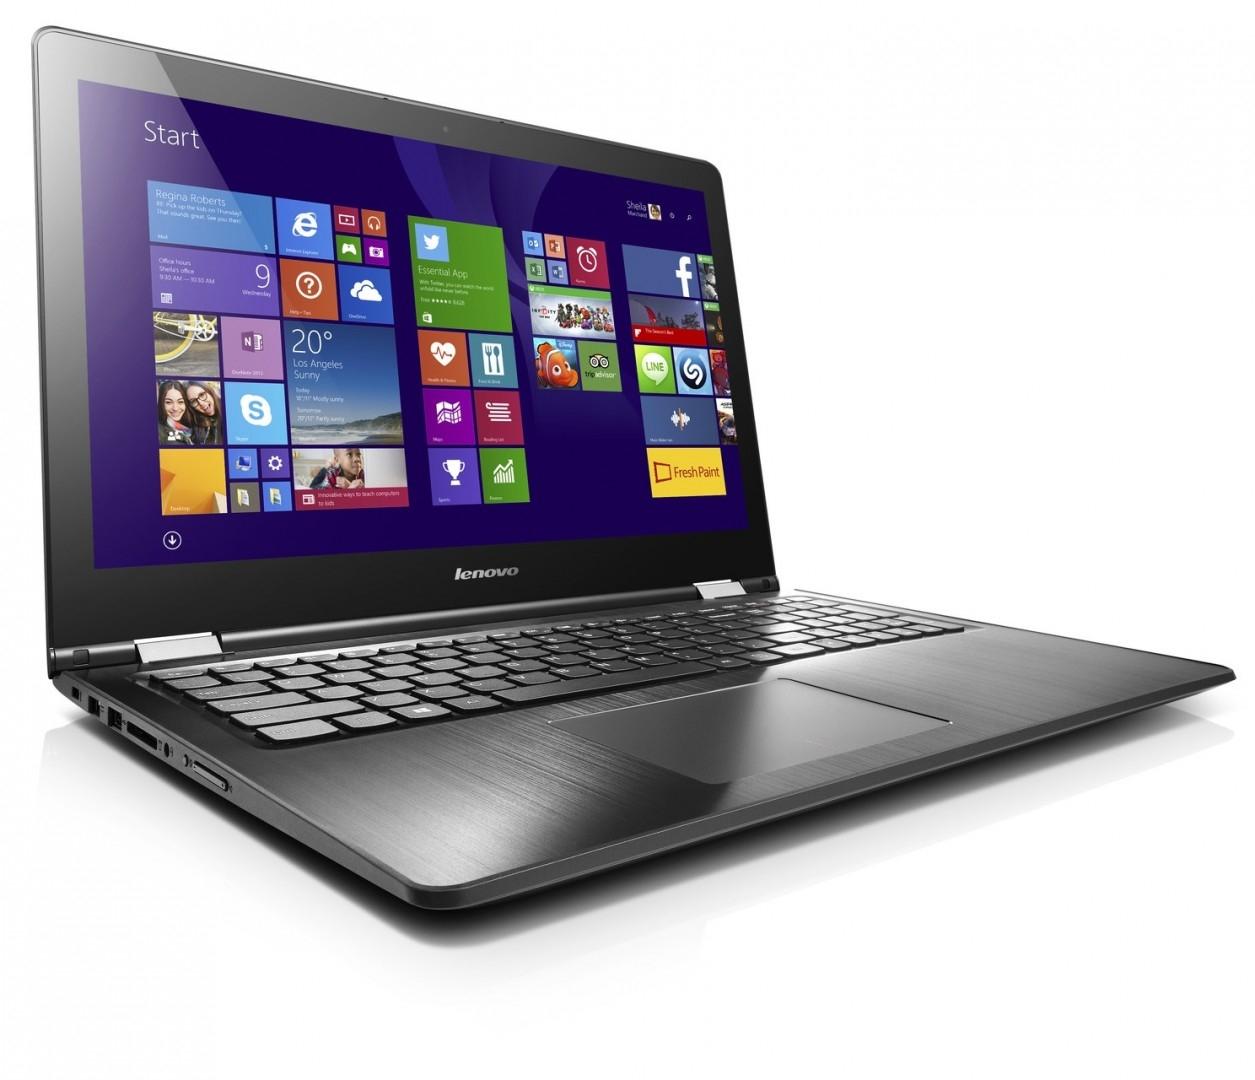 19795-122368-product_original-laptop-lenovo-ideapad-yoga-500-15ibd-i5-5200u-touch156fhd-8gb-508gb-940m-w81-80n6006fpb